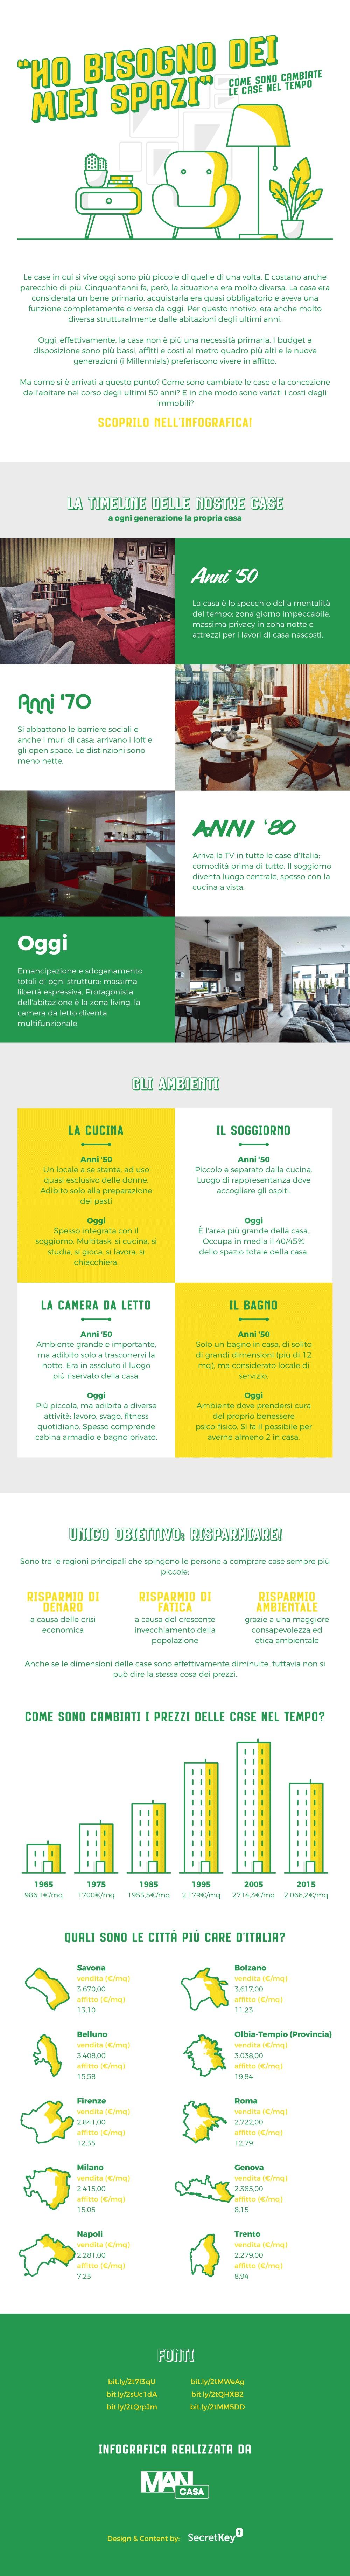 infografica cambiamento case nel tempo - L'evoluzione delle case degli italiani dagli anni '50 a oggi